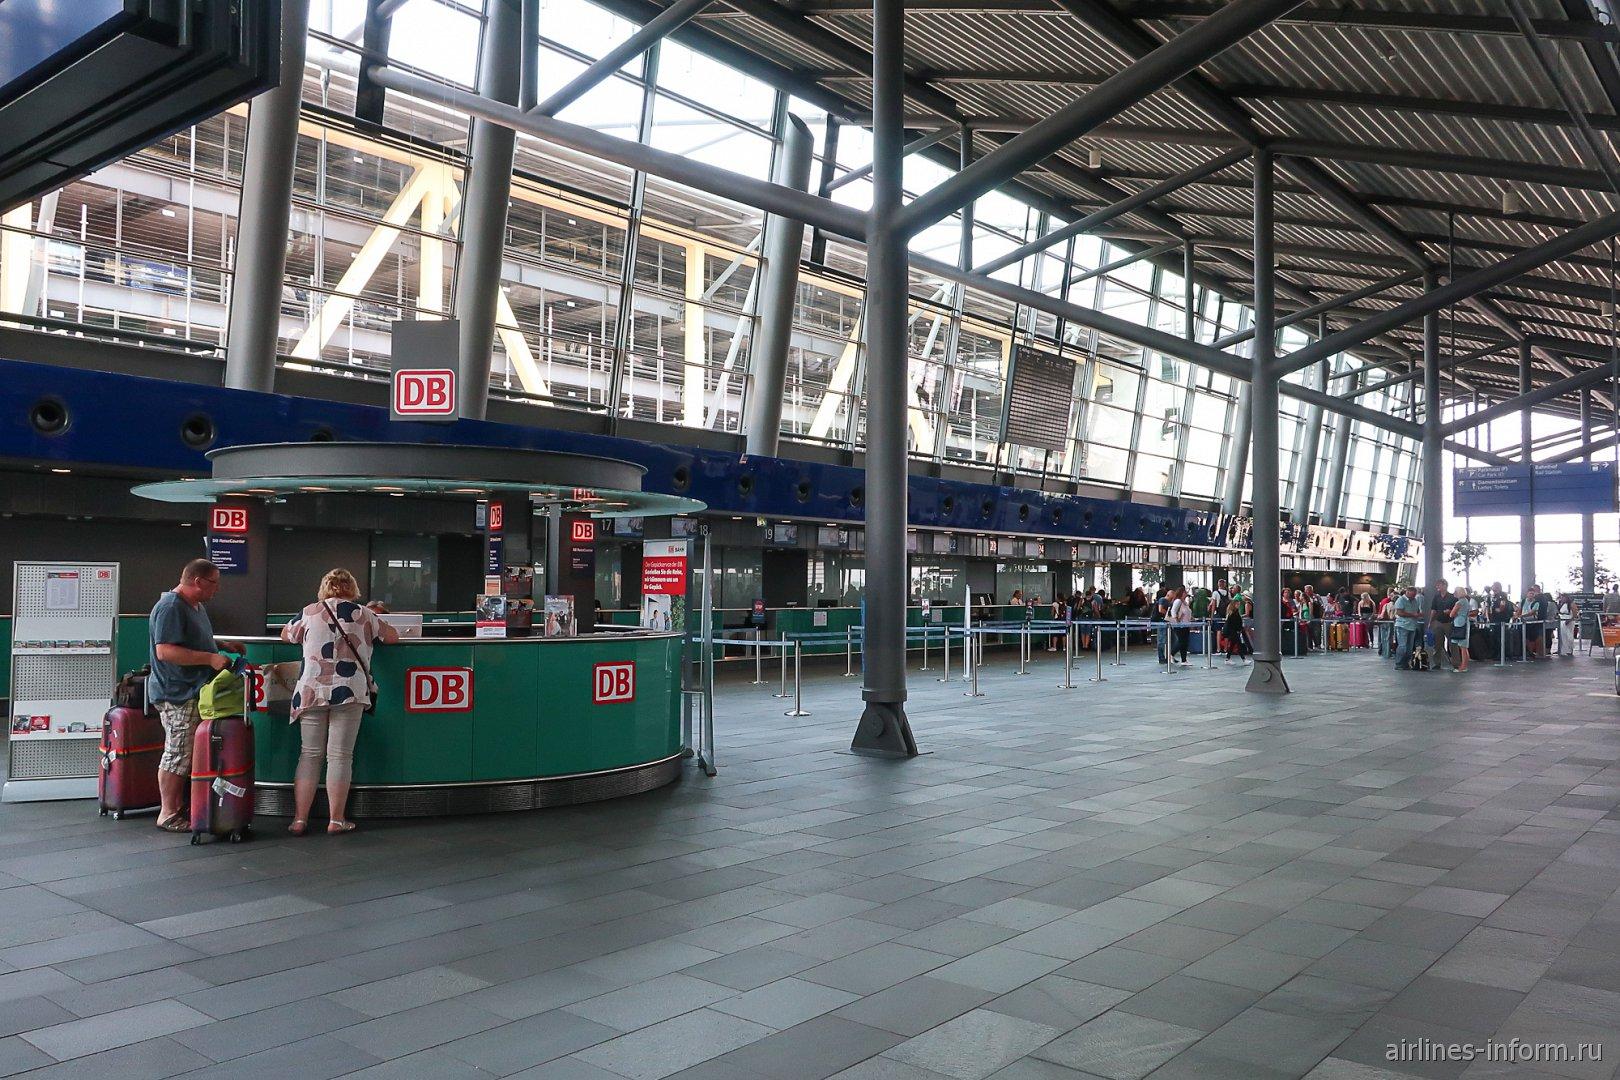 Киоск по продаже ЖД билетов в терминале А аэропорта Лейпциг-Галле